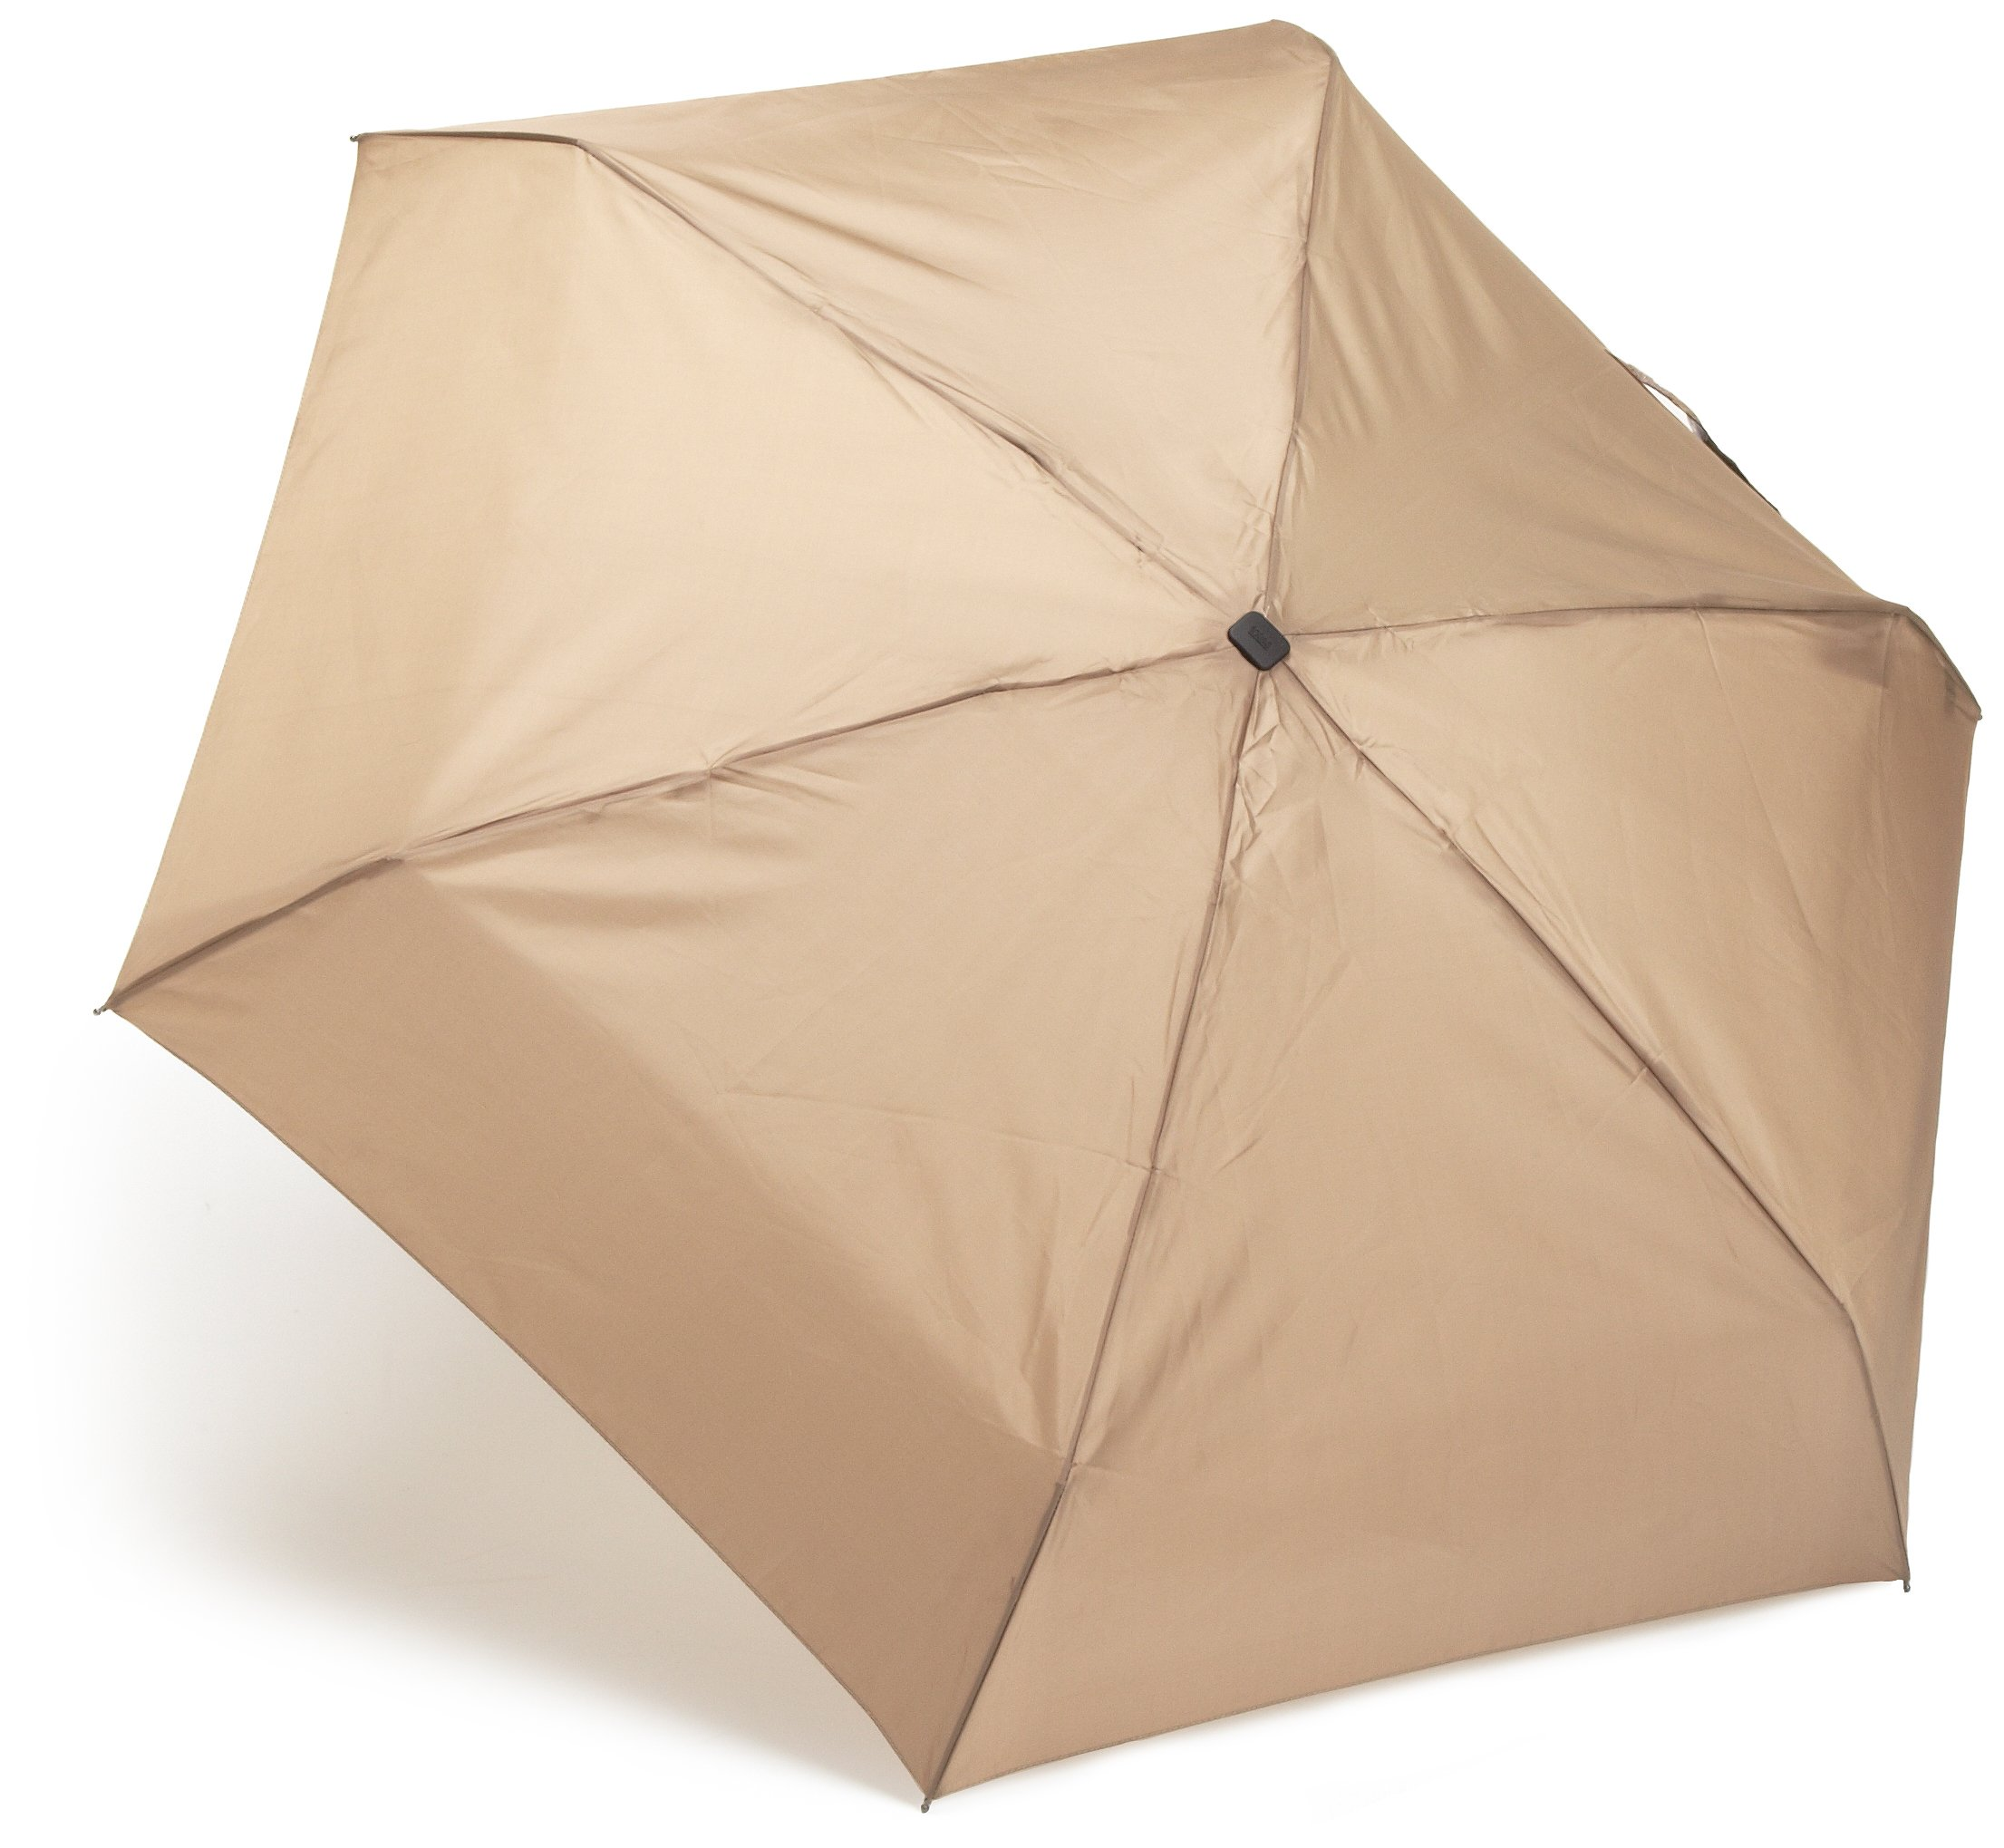 totes Auto Open Close Compact Umbrella,  British Tan,  One Size